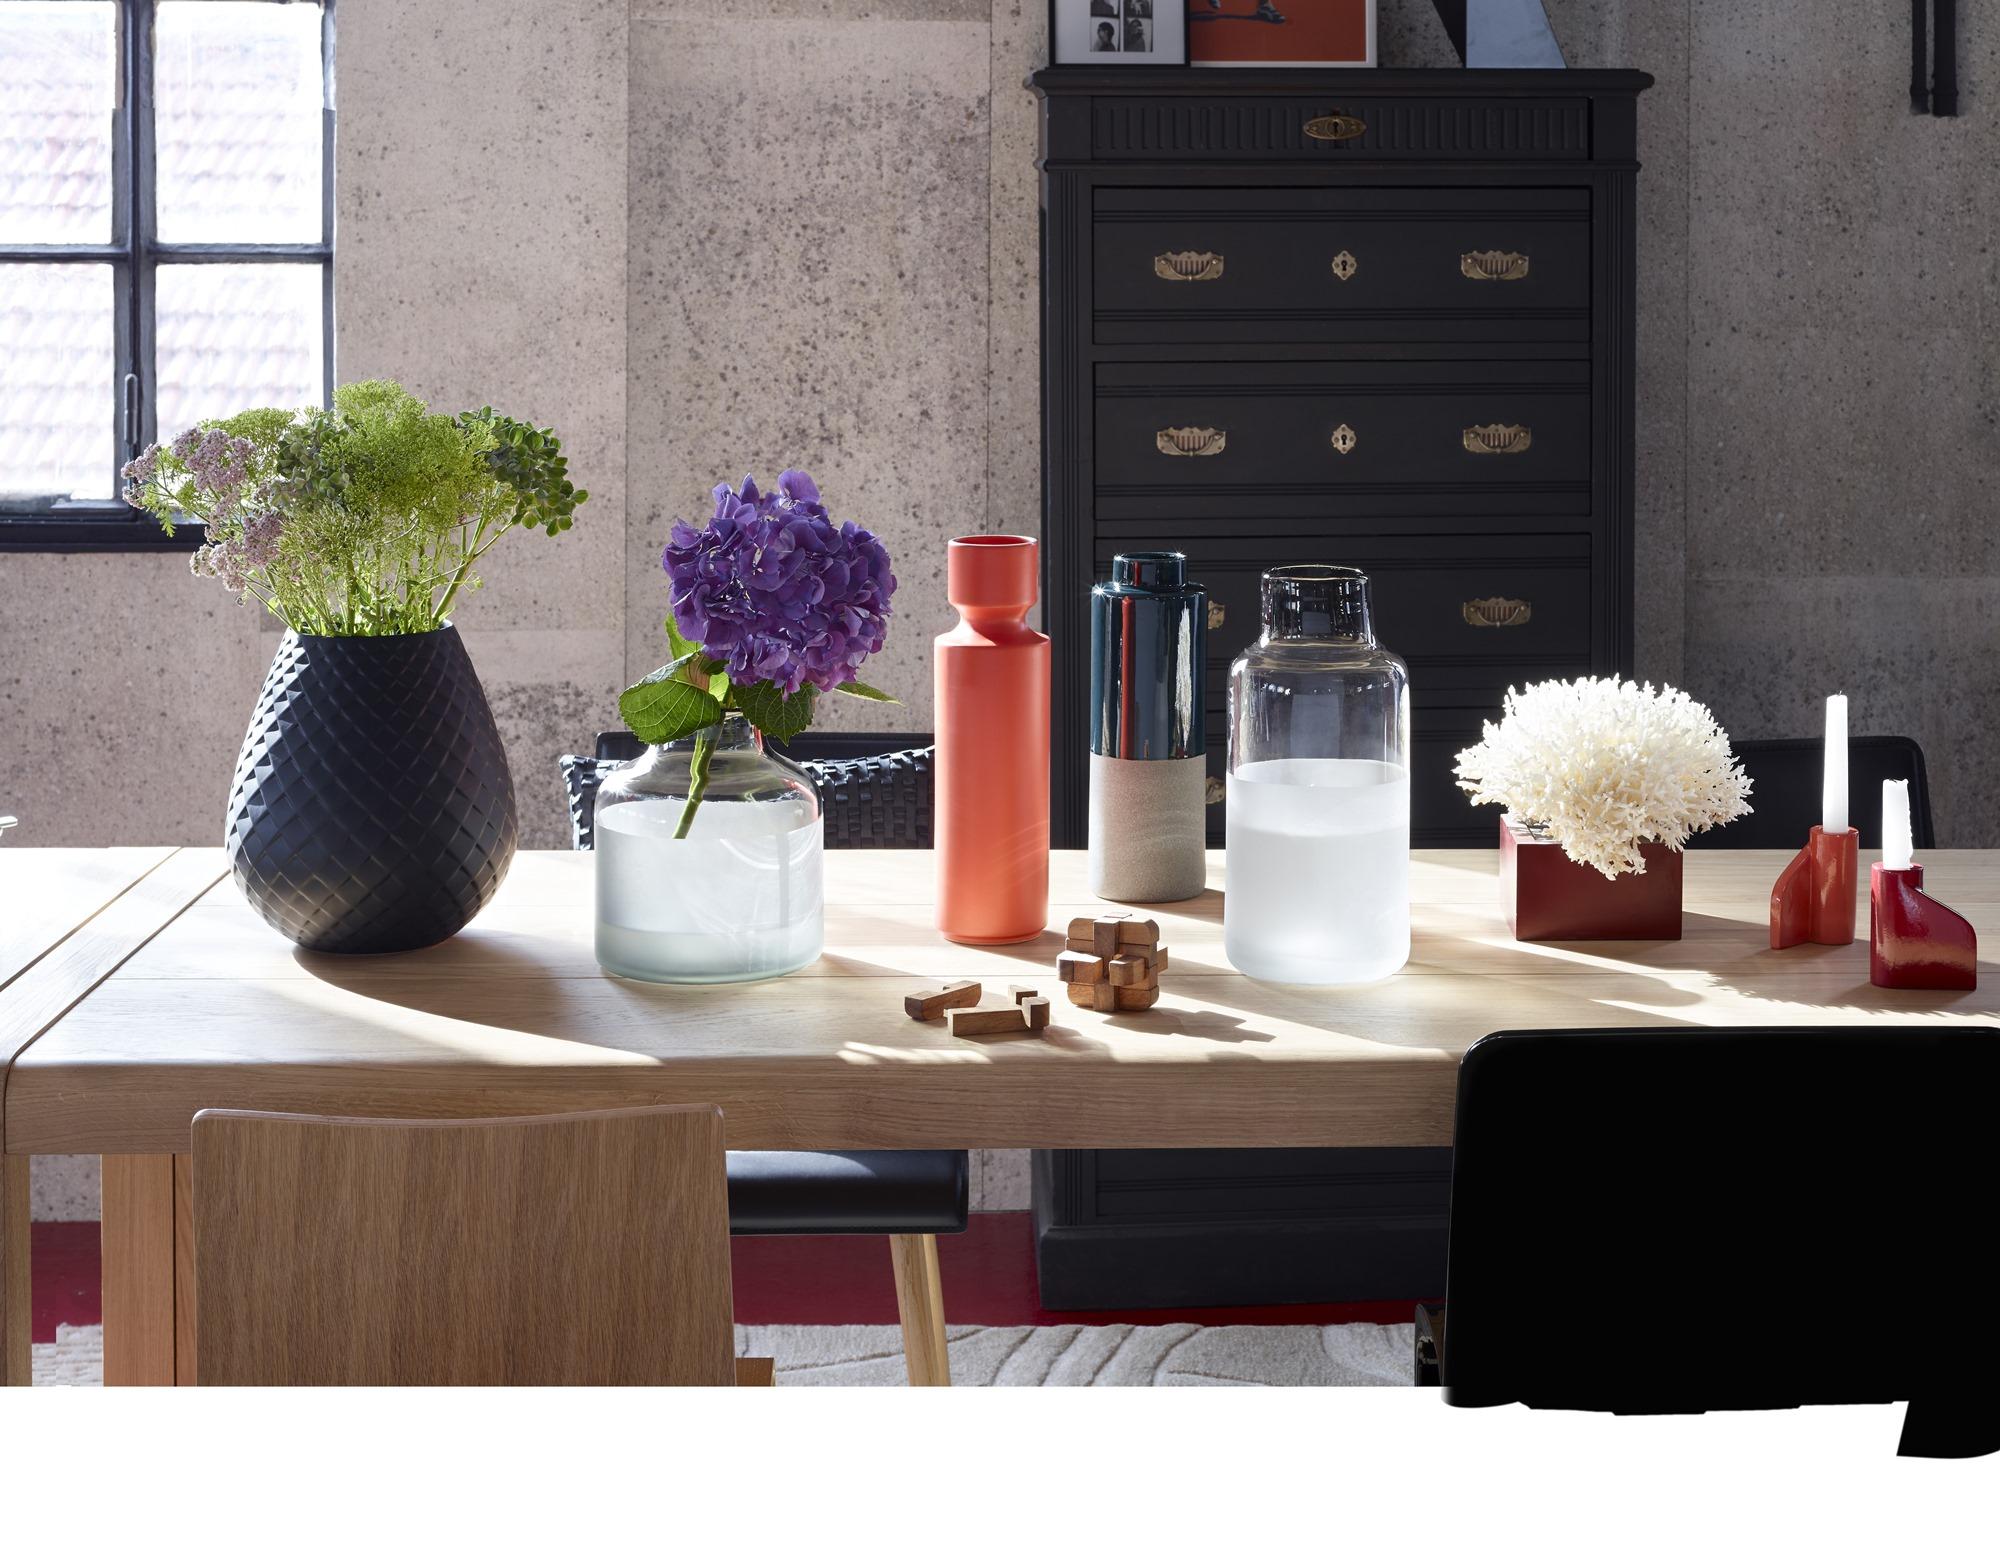 Egouttoir Vaisselle Habitat Inspirant Image Vaisselle Habitat En Cas Dabsence Prolonge Vrifiez Bien Que Vos